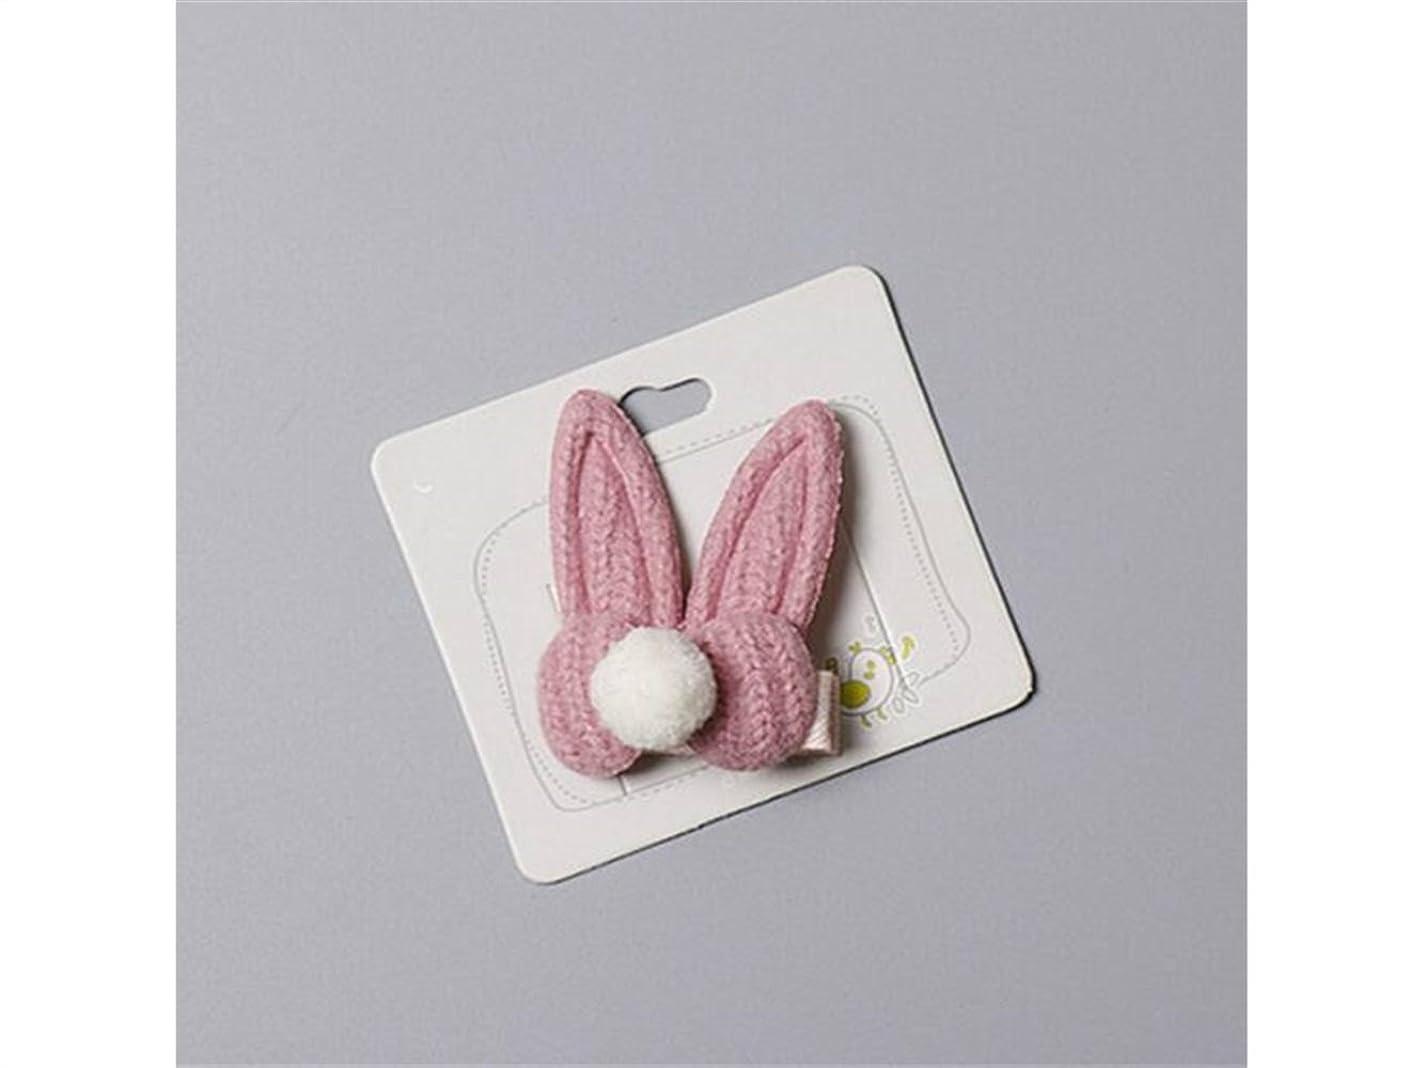 フレア検索エンジンマーケティング息切れOsize 美しいスタイル ファッションウサギの耳毛のボールヘアクリップサイドクリップヘアピンヘアアクセサリー(ピンク)